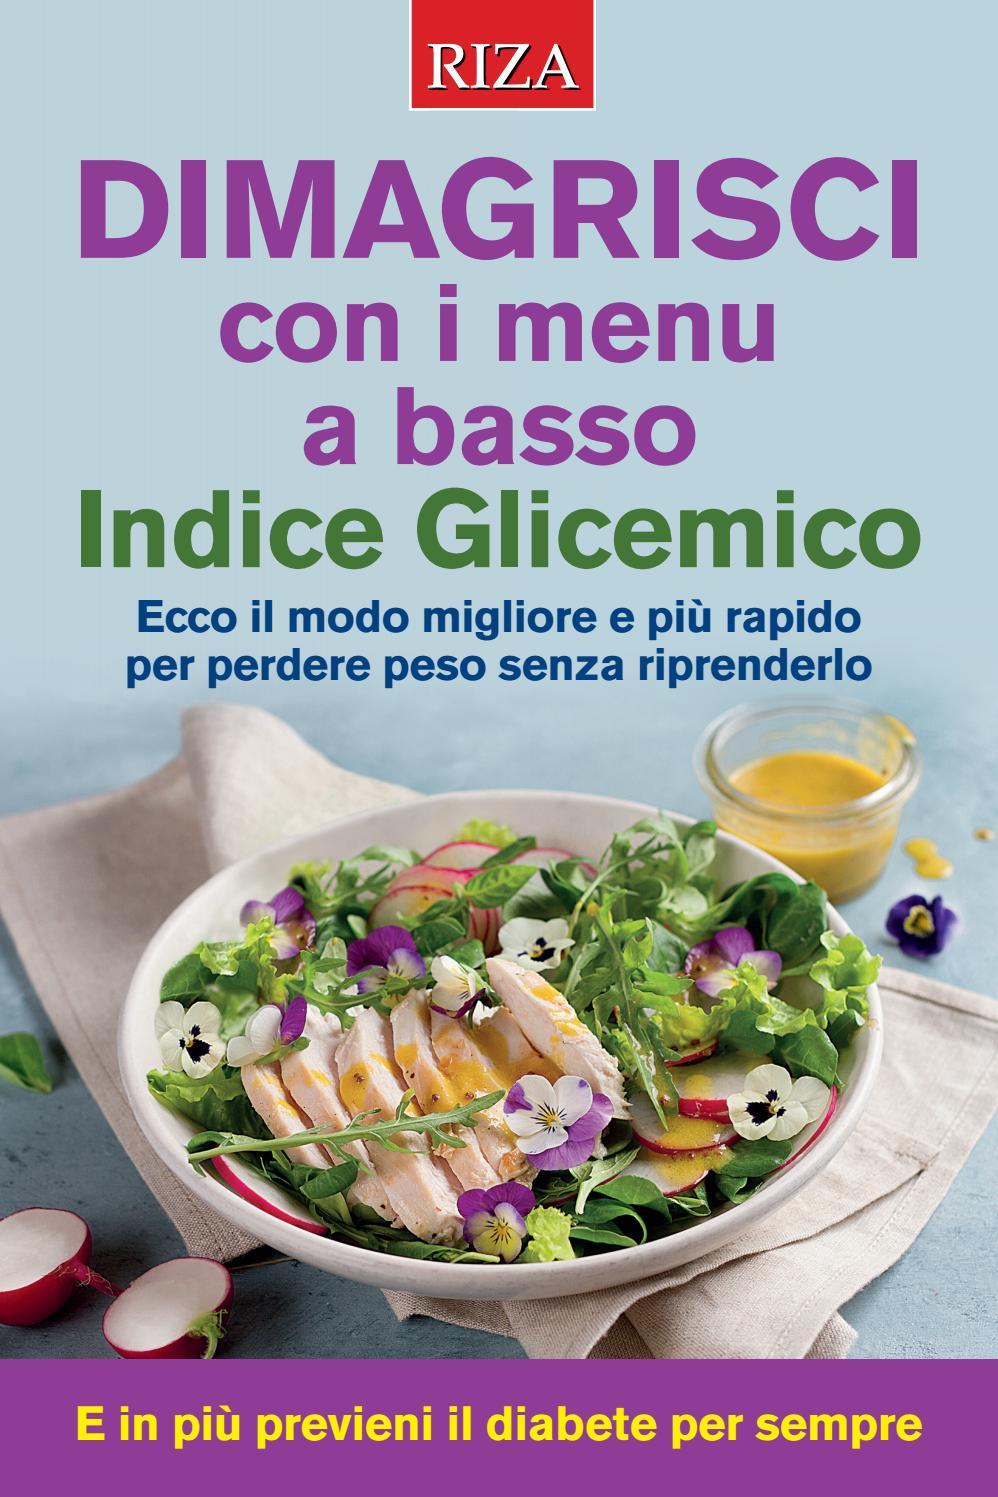 dieta a basso indice glicemico menu pdf